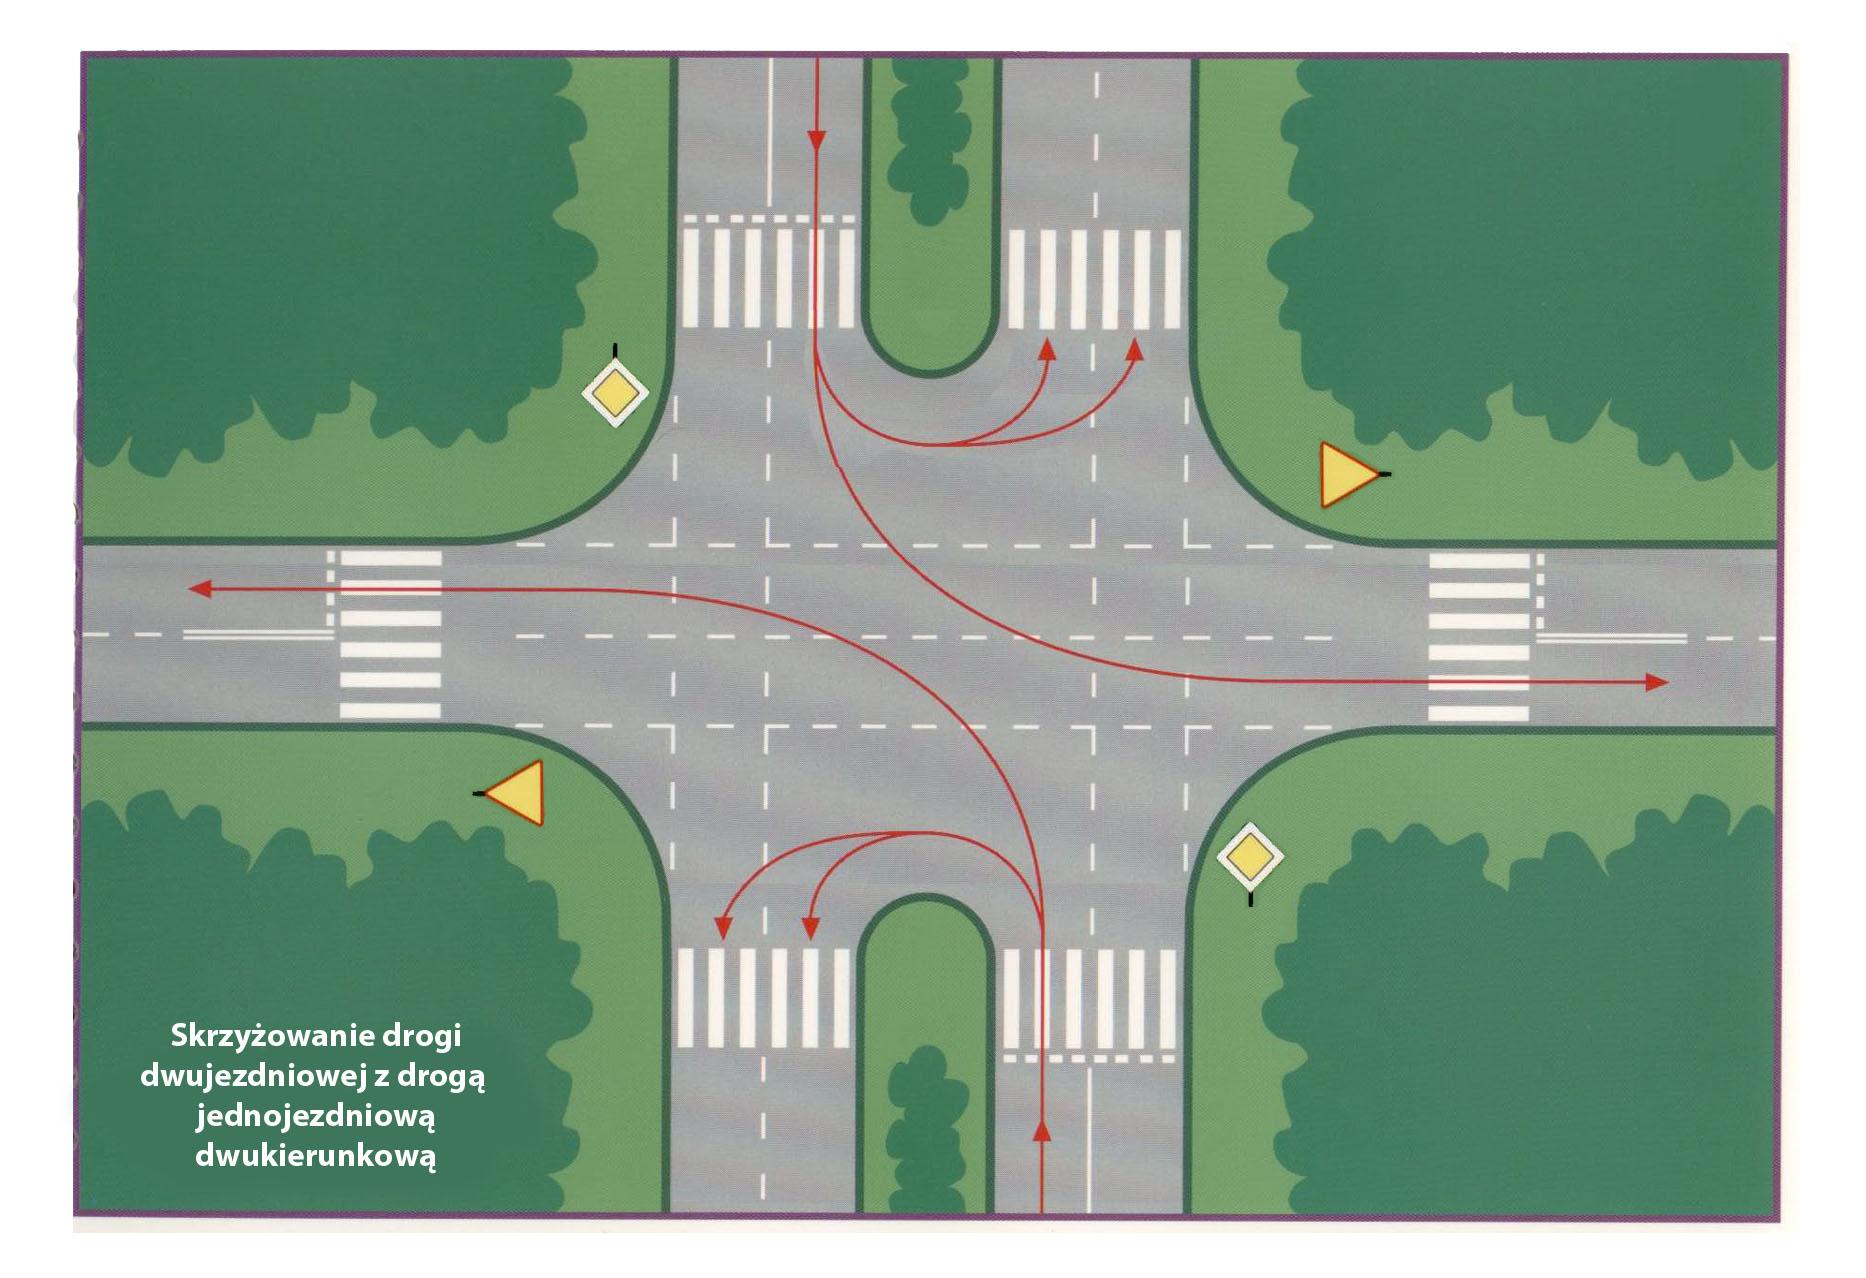 skrzyżowanie drogi dwujezdniowej z dwukierunkową